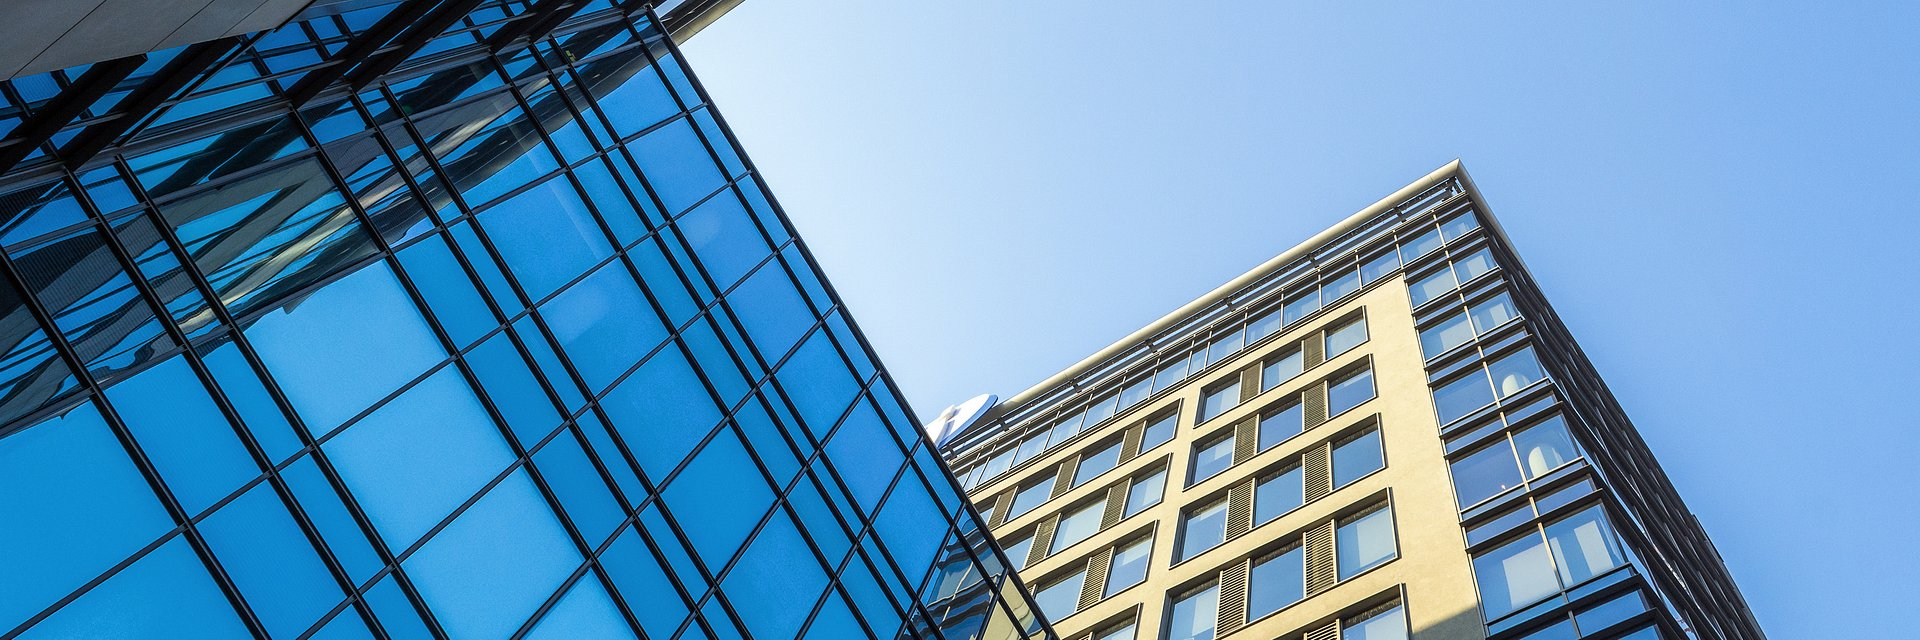 Rekordowo wysoki popyt na powierzchnie biurowe w Warszawie. Zaczyna brakować dostępnej powierzchni